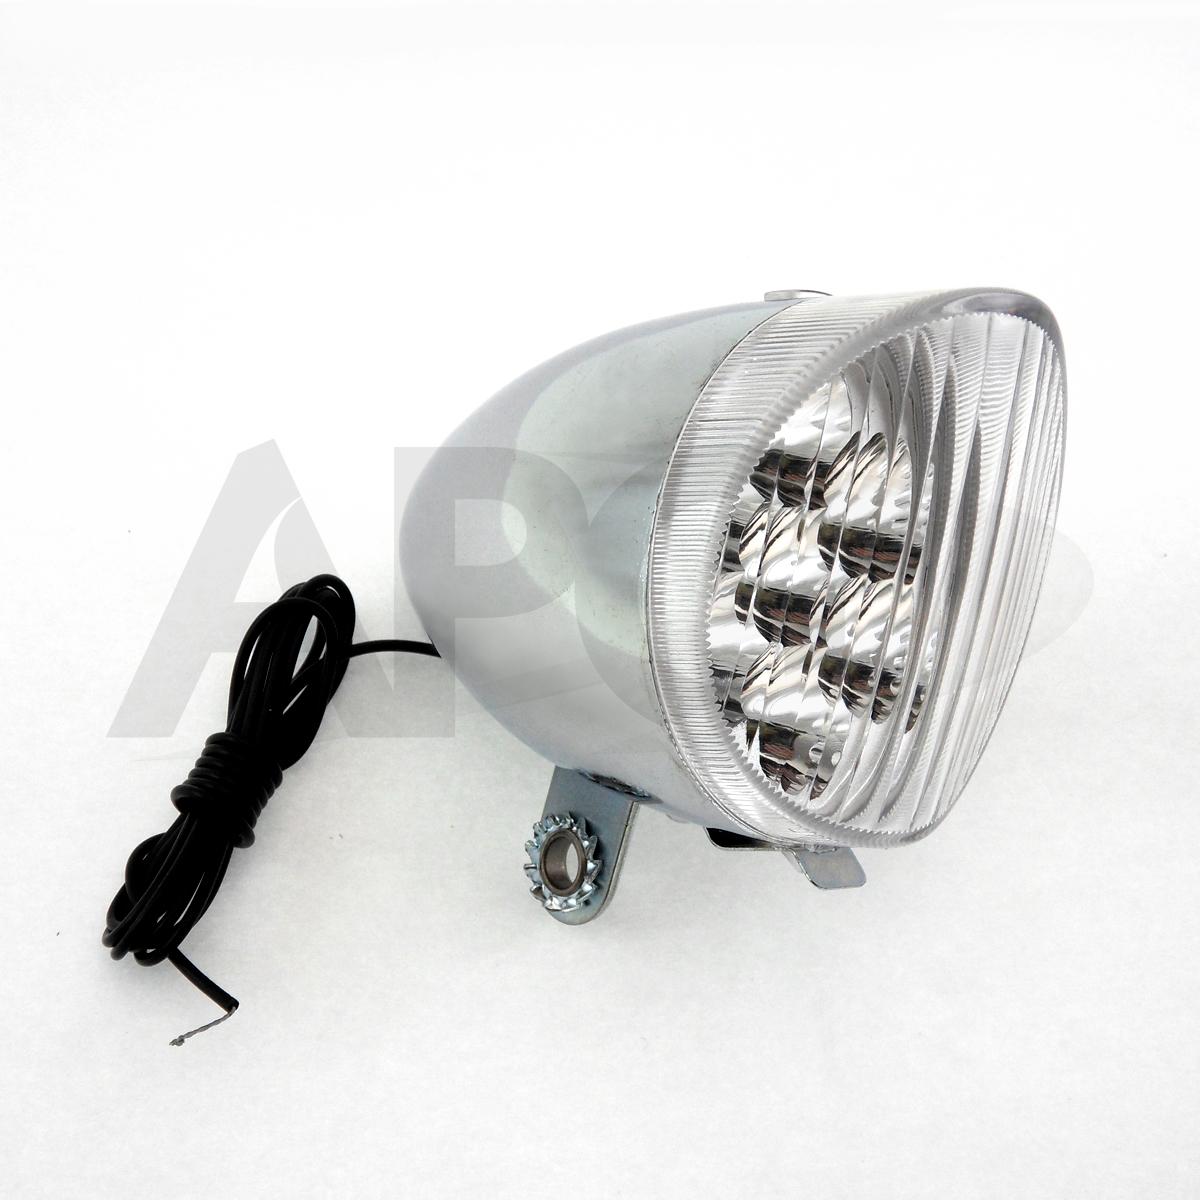 Lampa przód 160230 LED